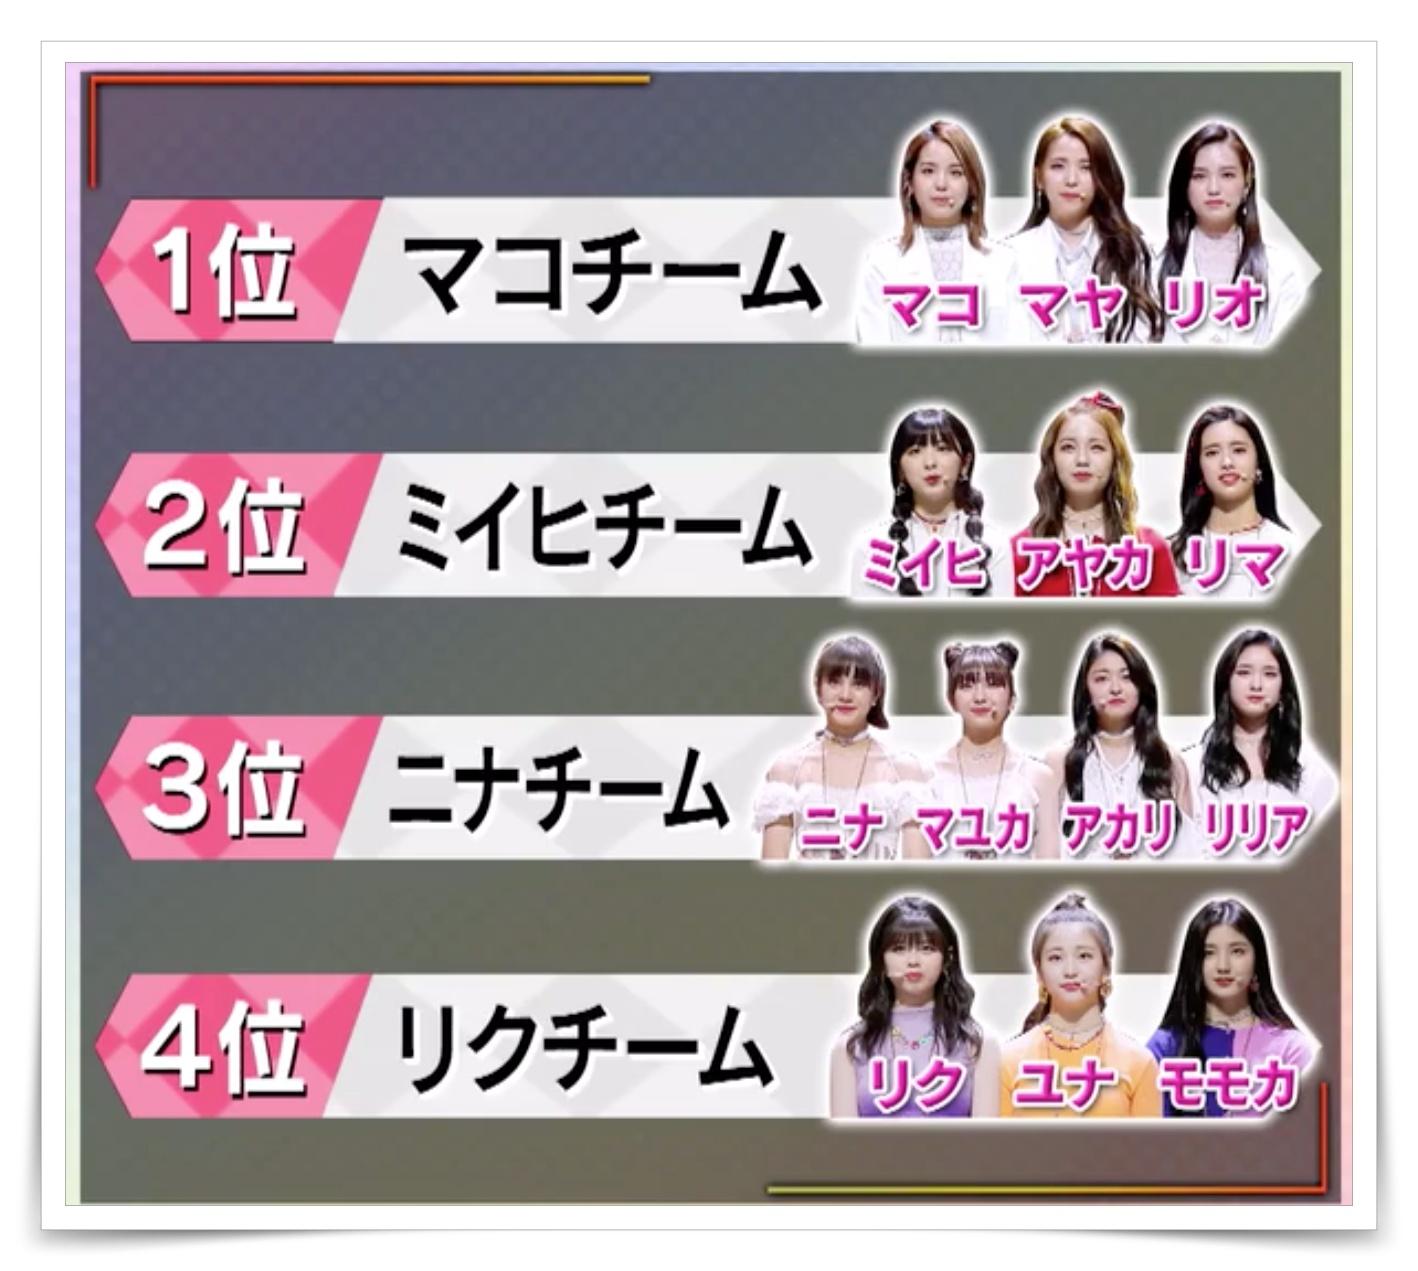 虹プロ韓国チームミッション順位の画像